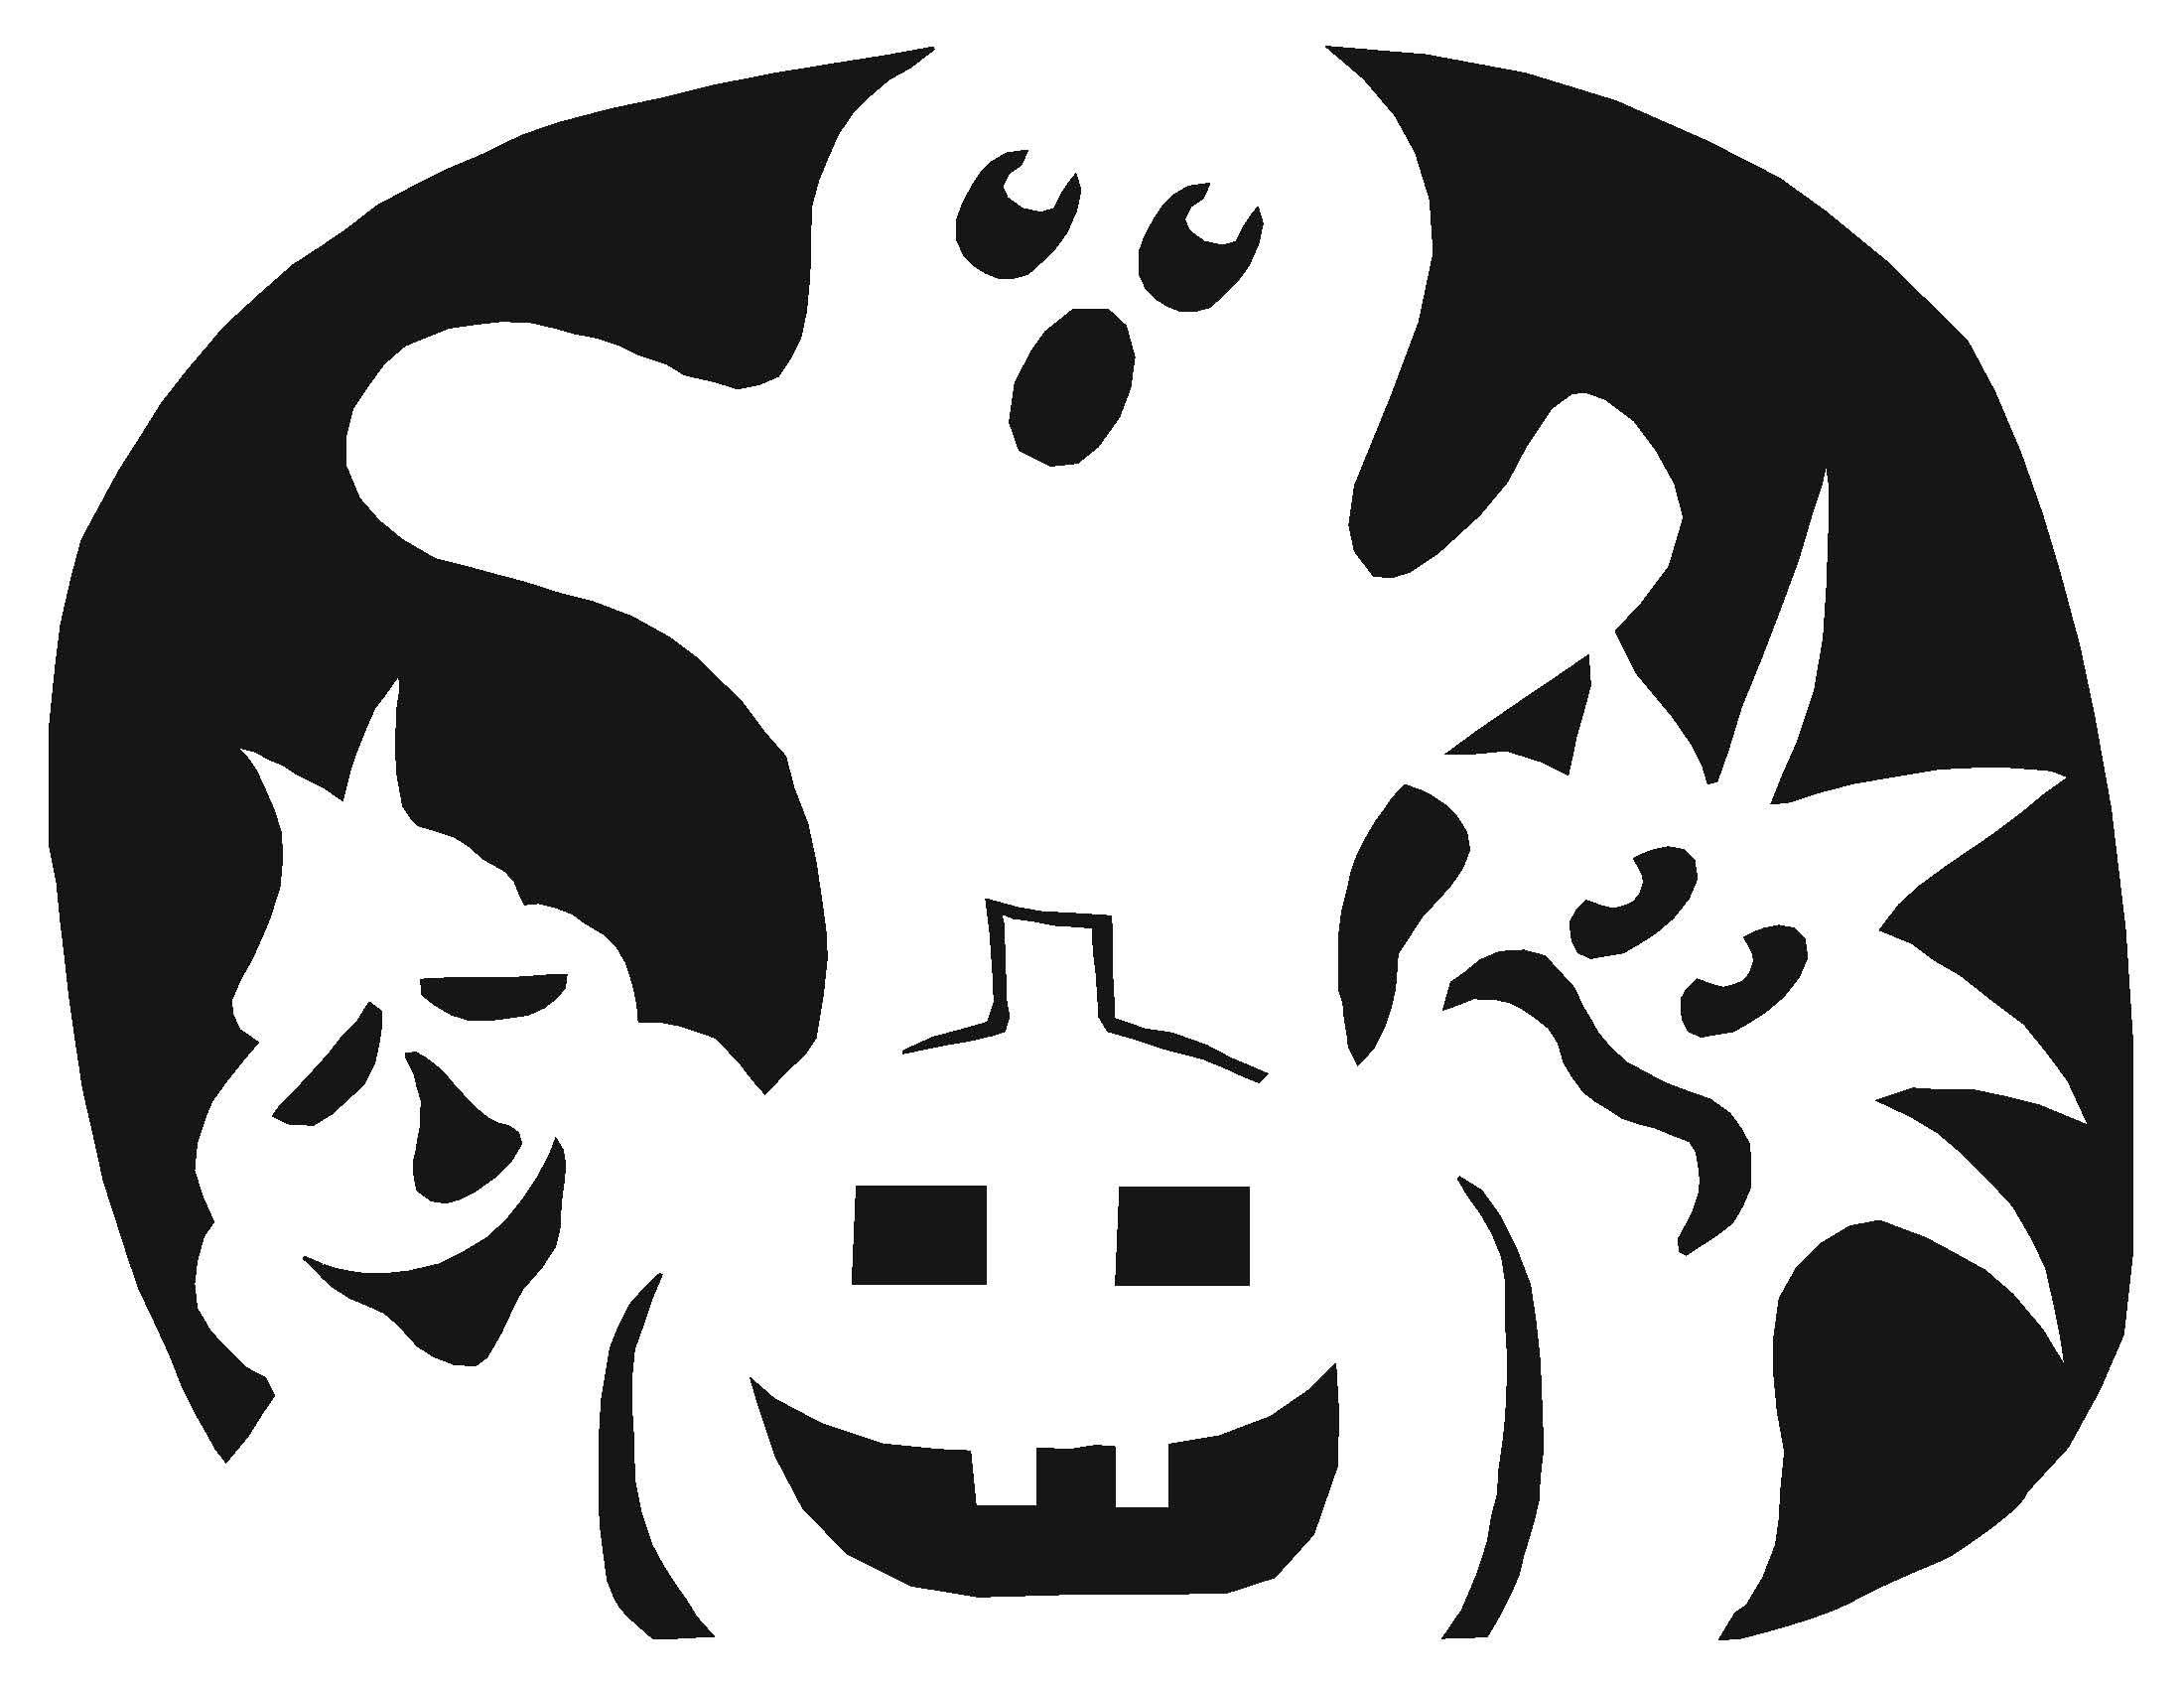 Pumpkin Stencil | All Hallows Eve | Pinterest | Pumpkin carvings ...